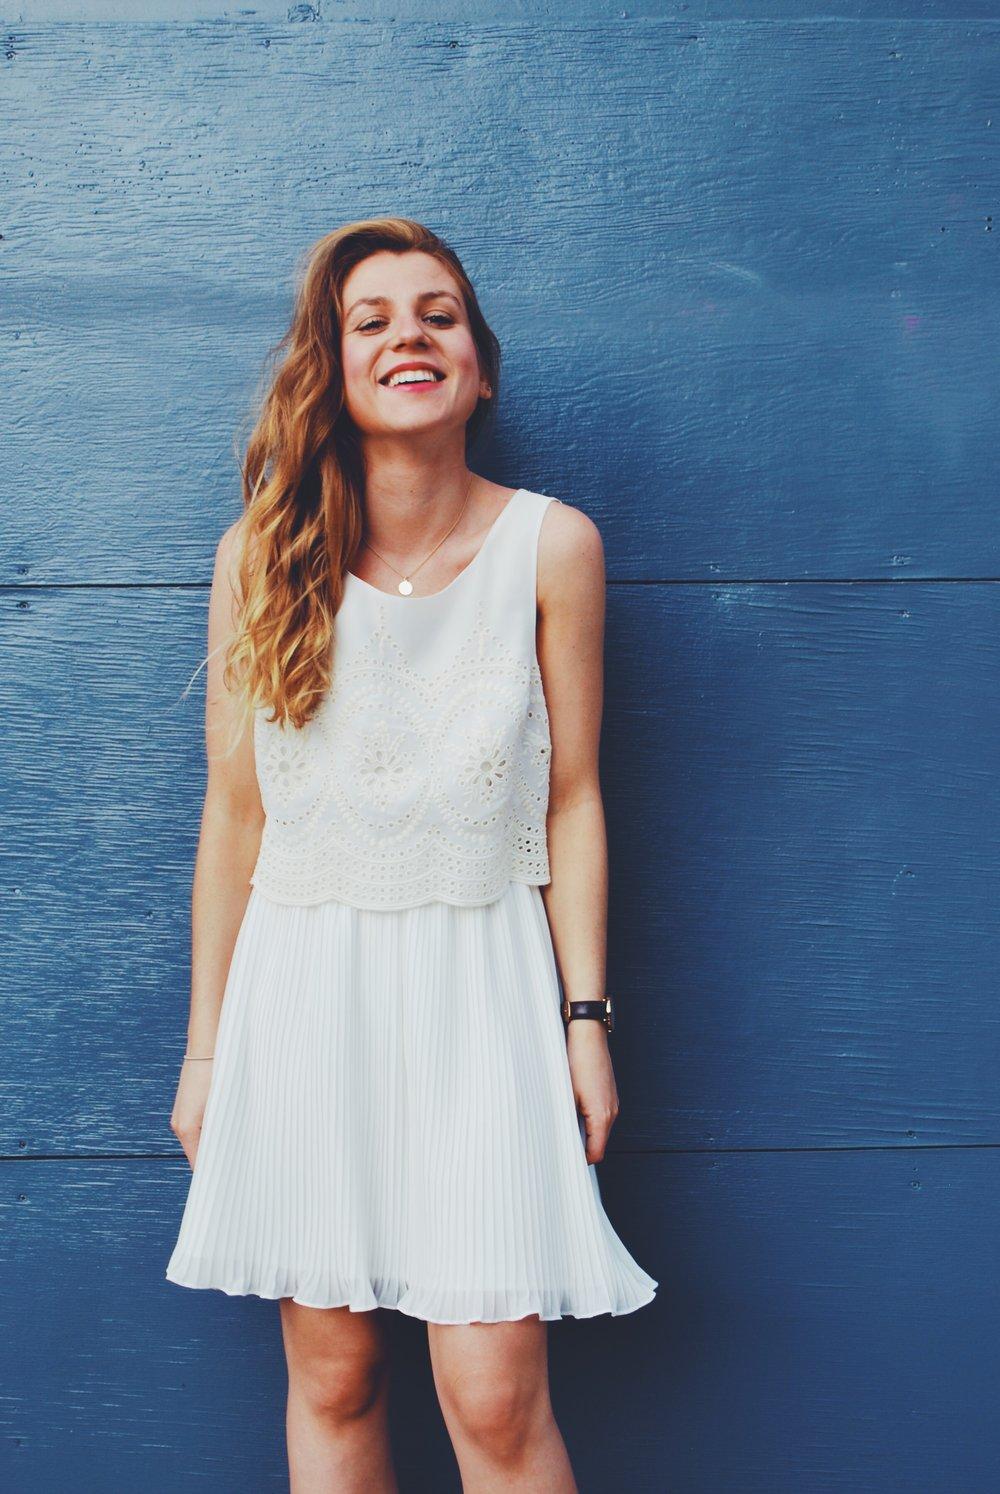 white dress blog post 5.JPG